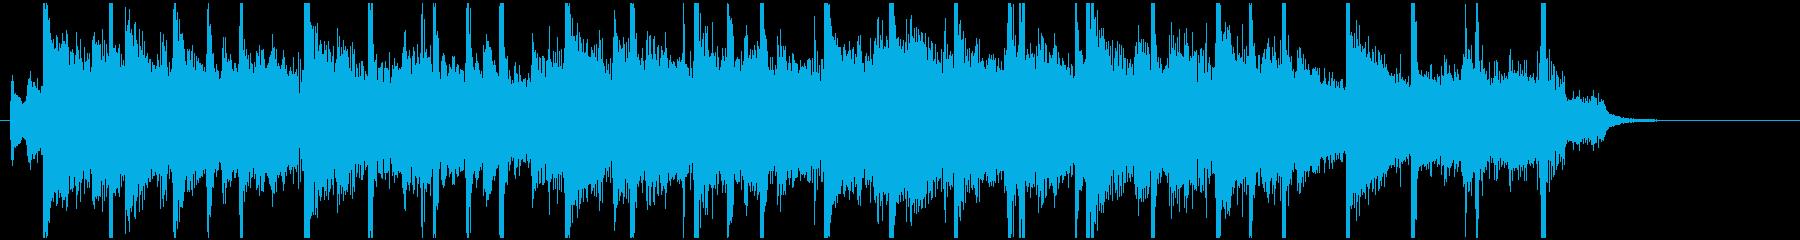 お洒落・都会的ジングル18秒の再生済みの波形